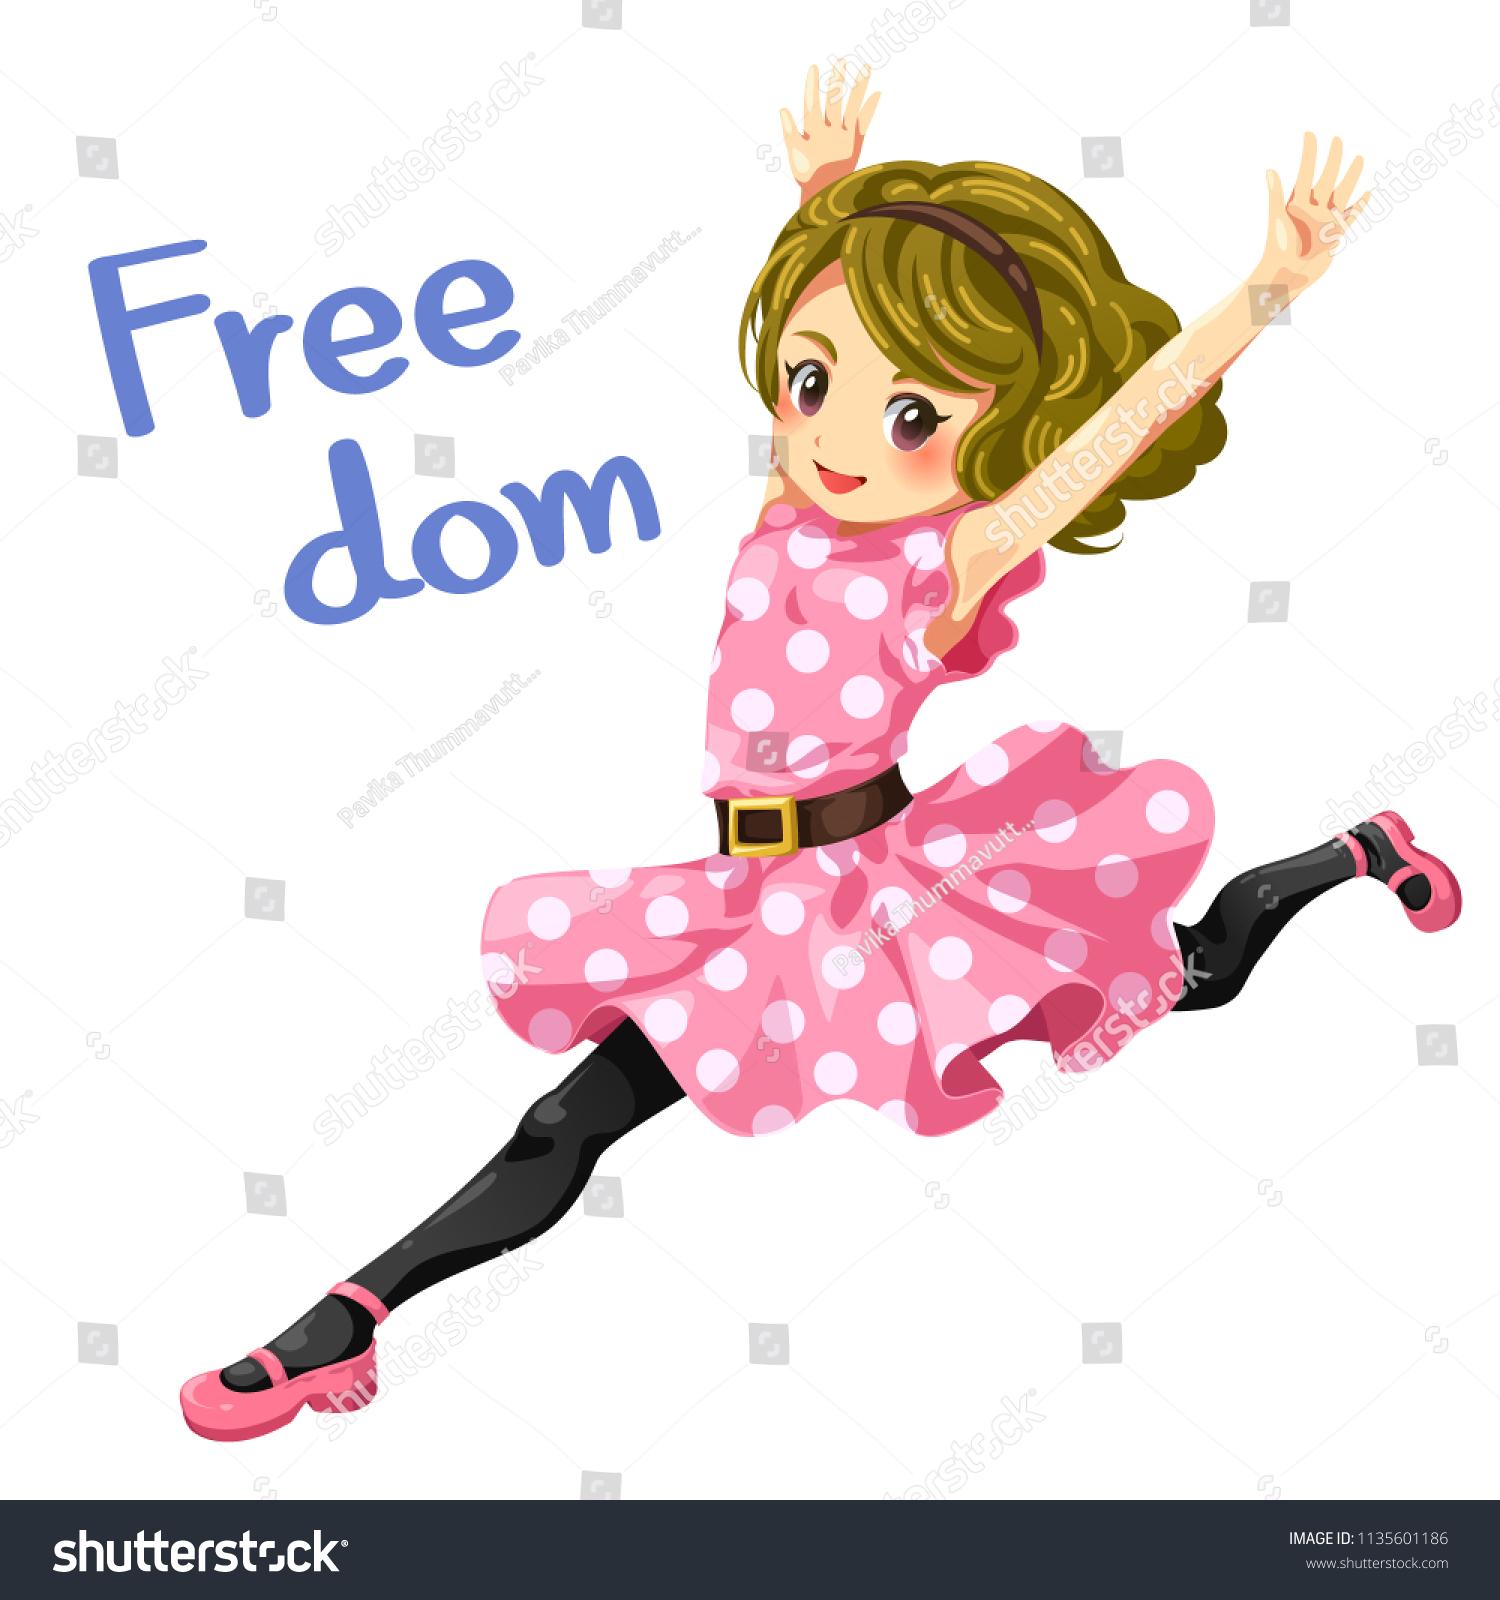 Best free mmf porn